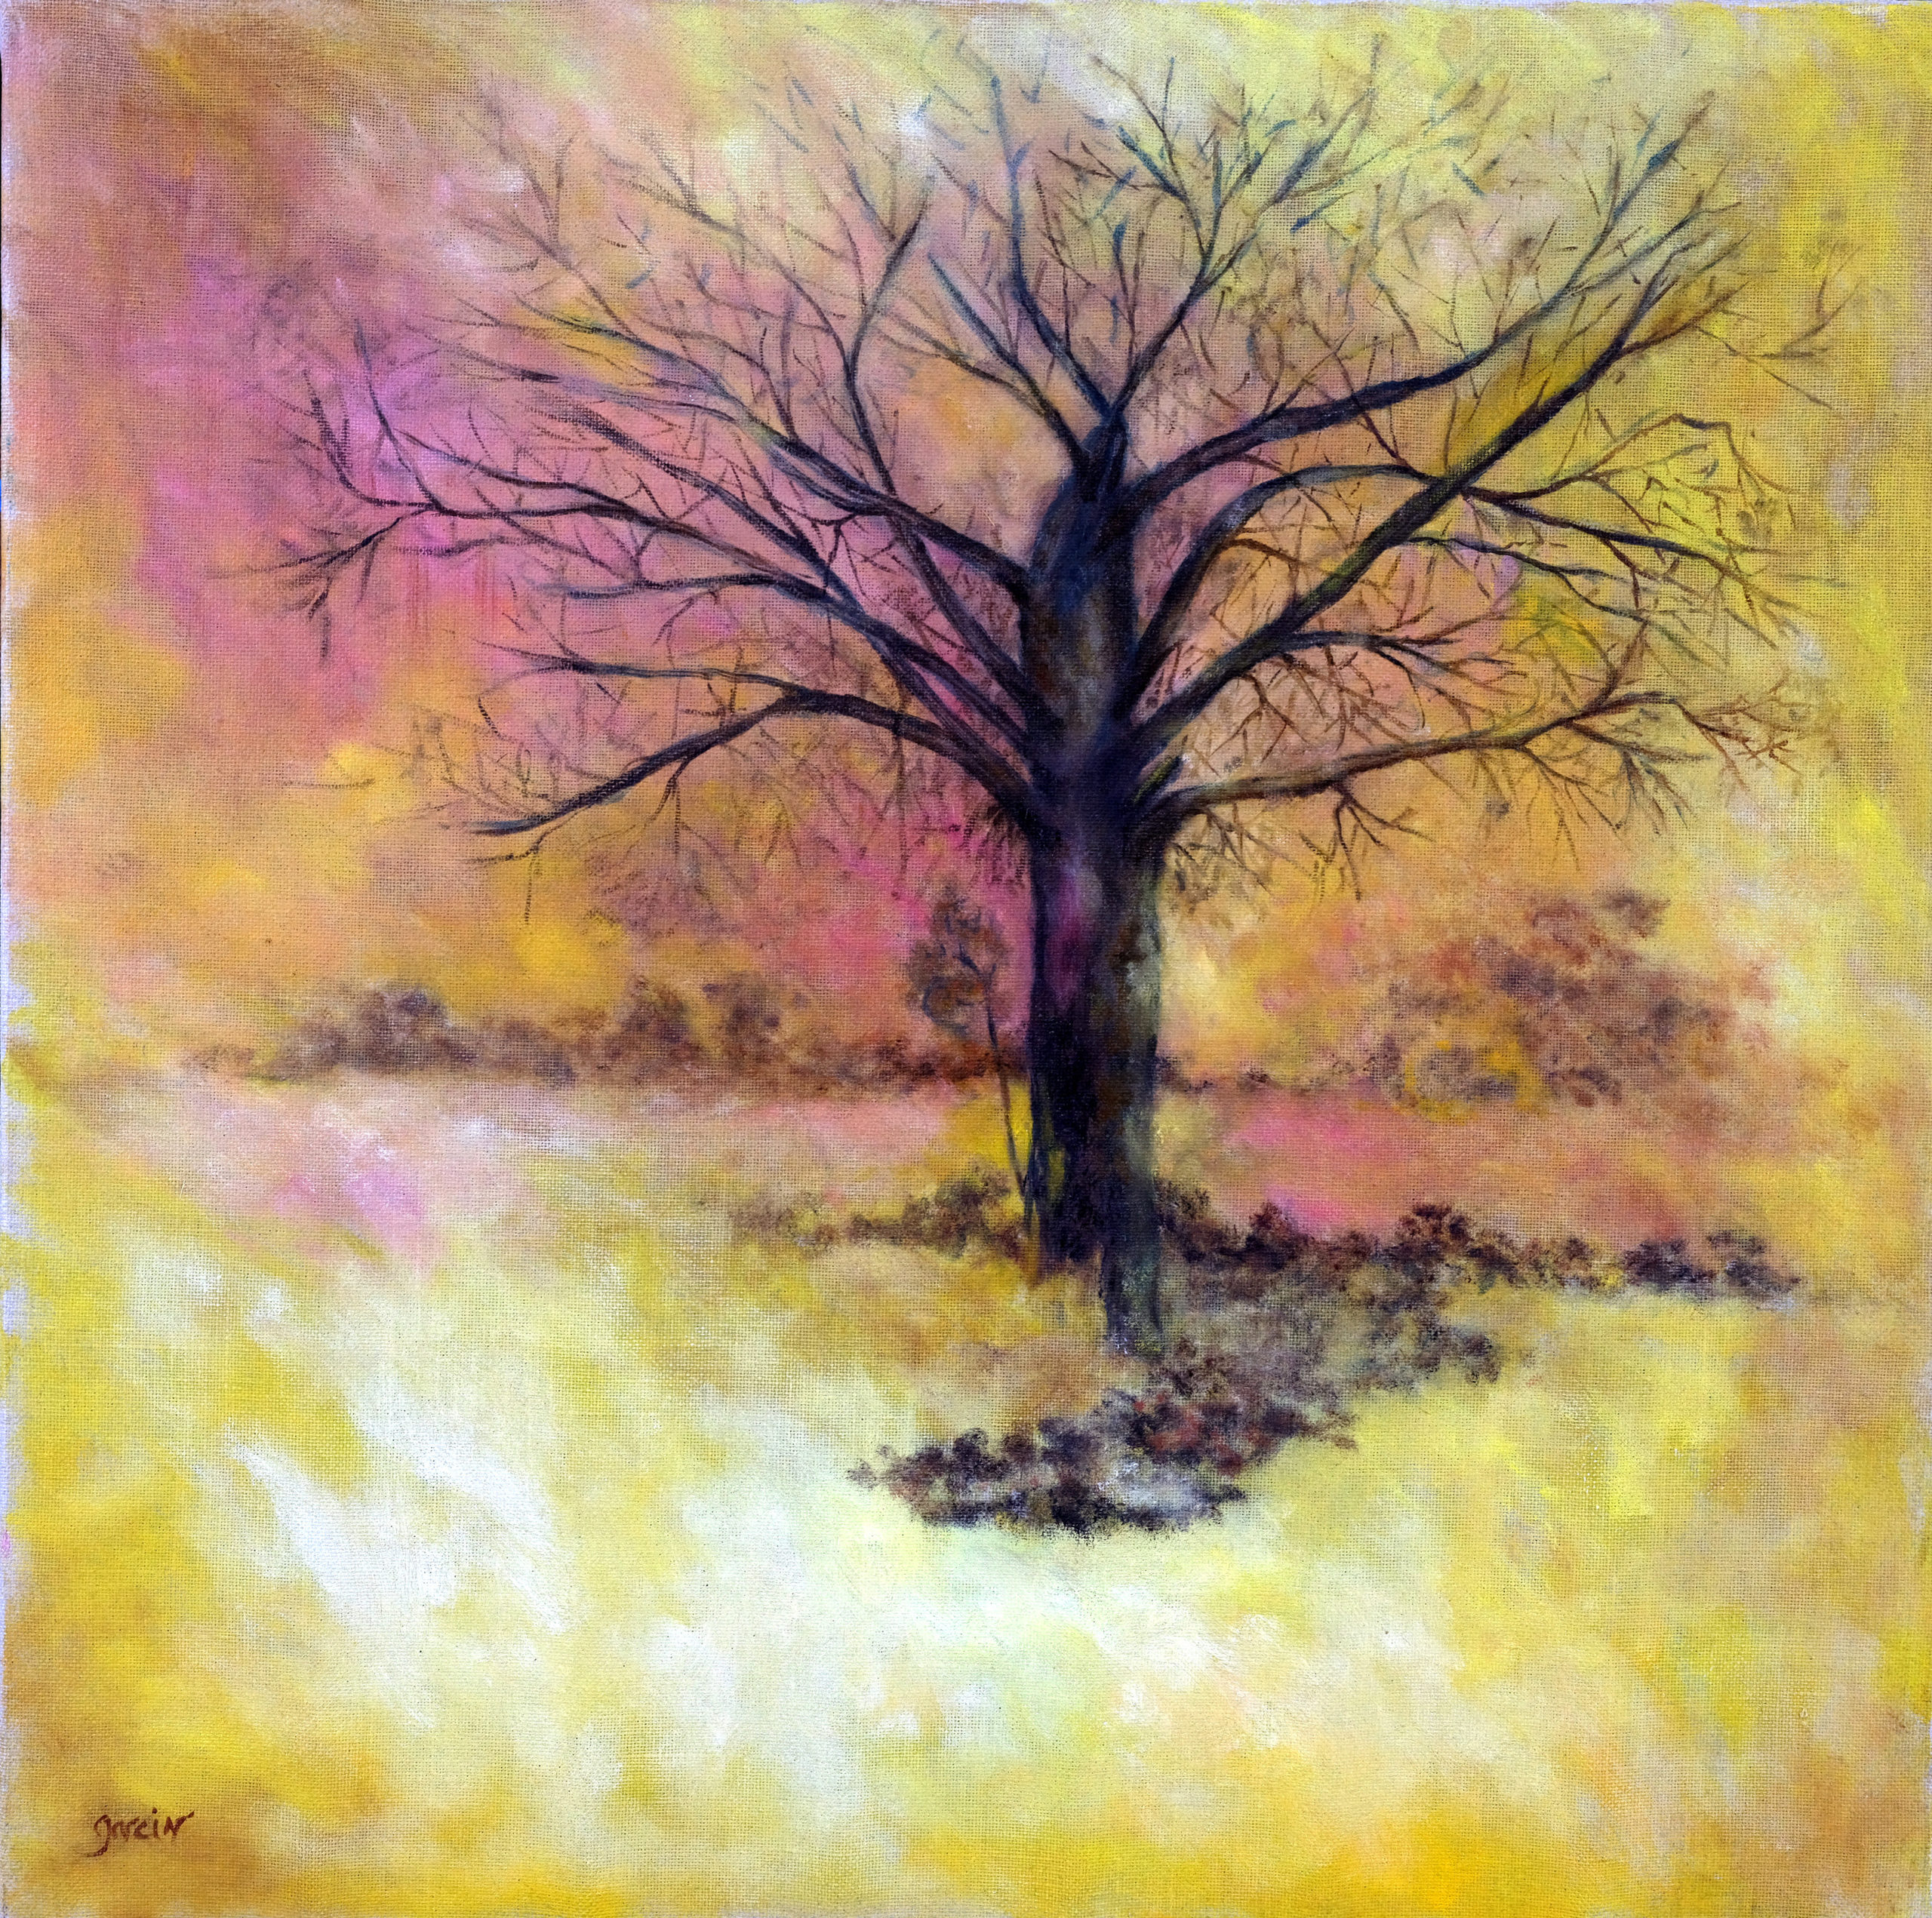 L'arbre, 2017 huile sur toile 60 X 60 cm